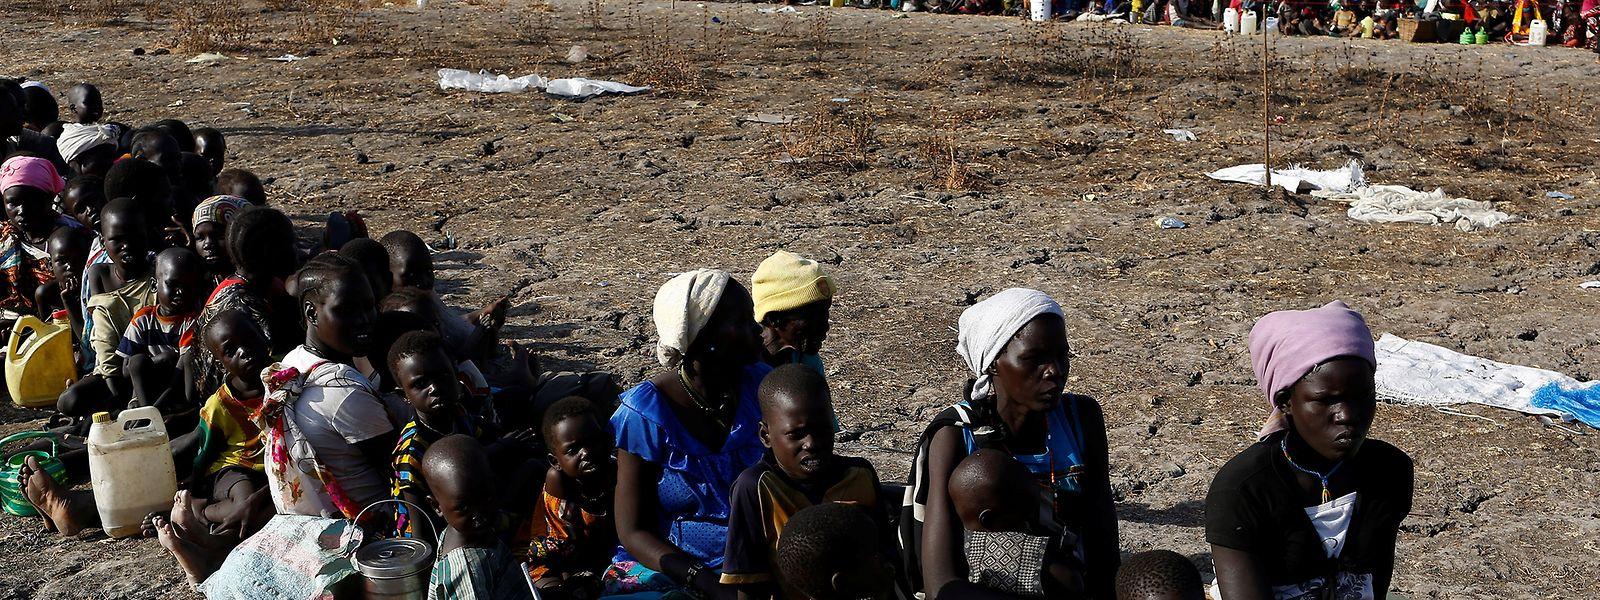 Seit 2013 herrscht im Südsudan ein Bürgerkrieg, der rund 3,8 Millionen Menschen in die Flucht getrieben hat - mit verheerenden Folgen, was die Gesundheitslage betrifft.